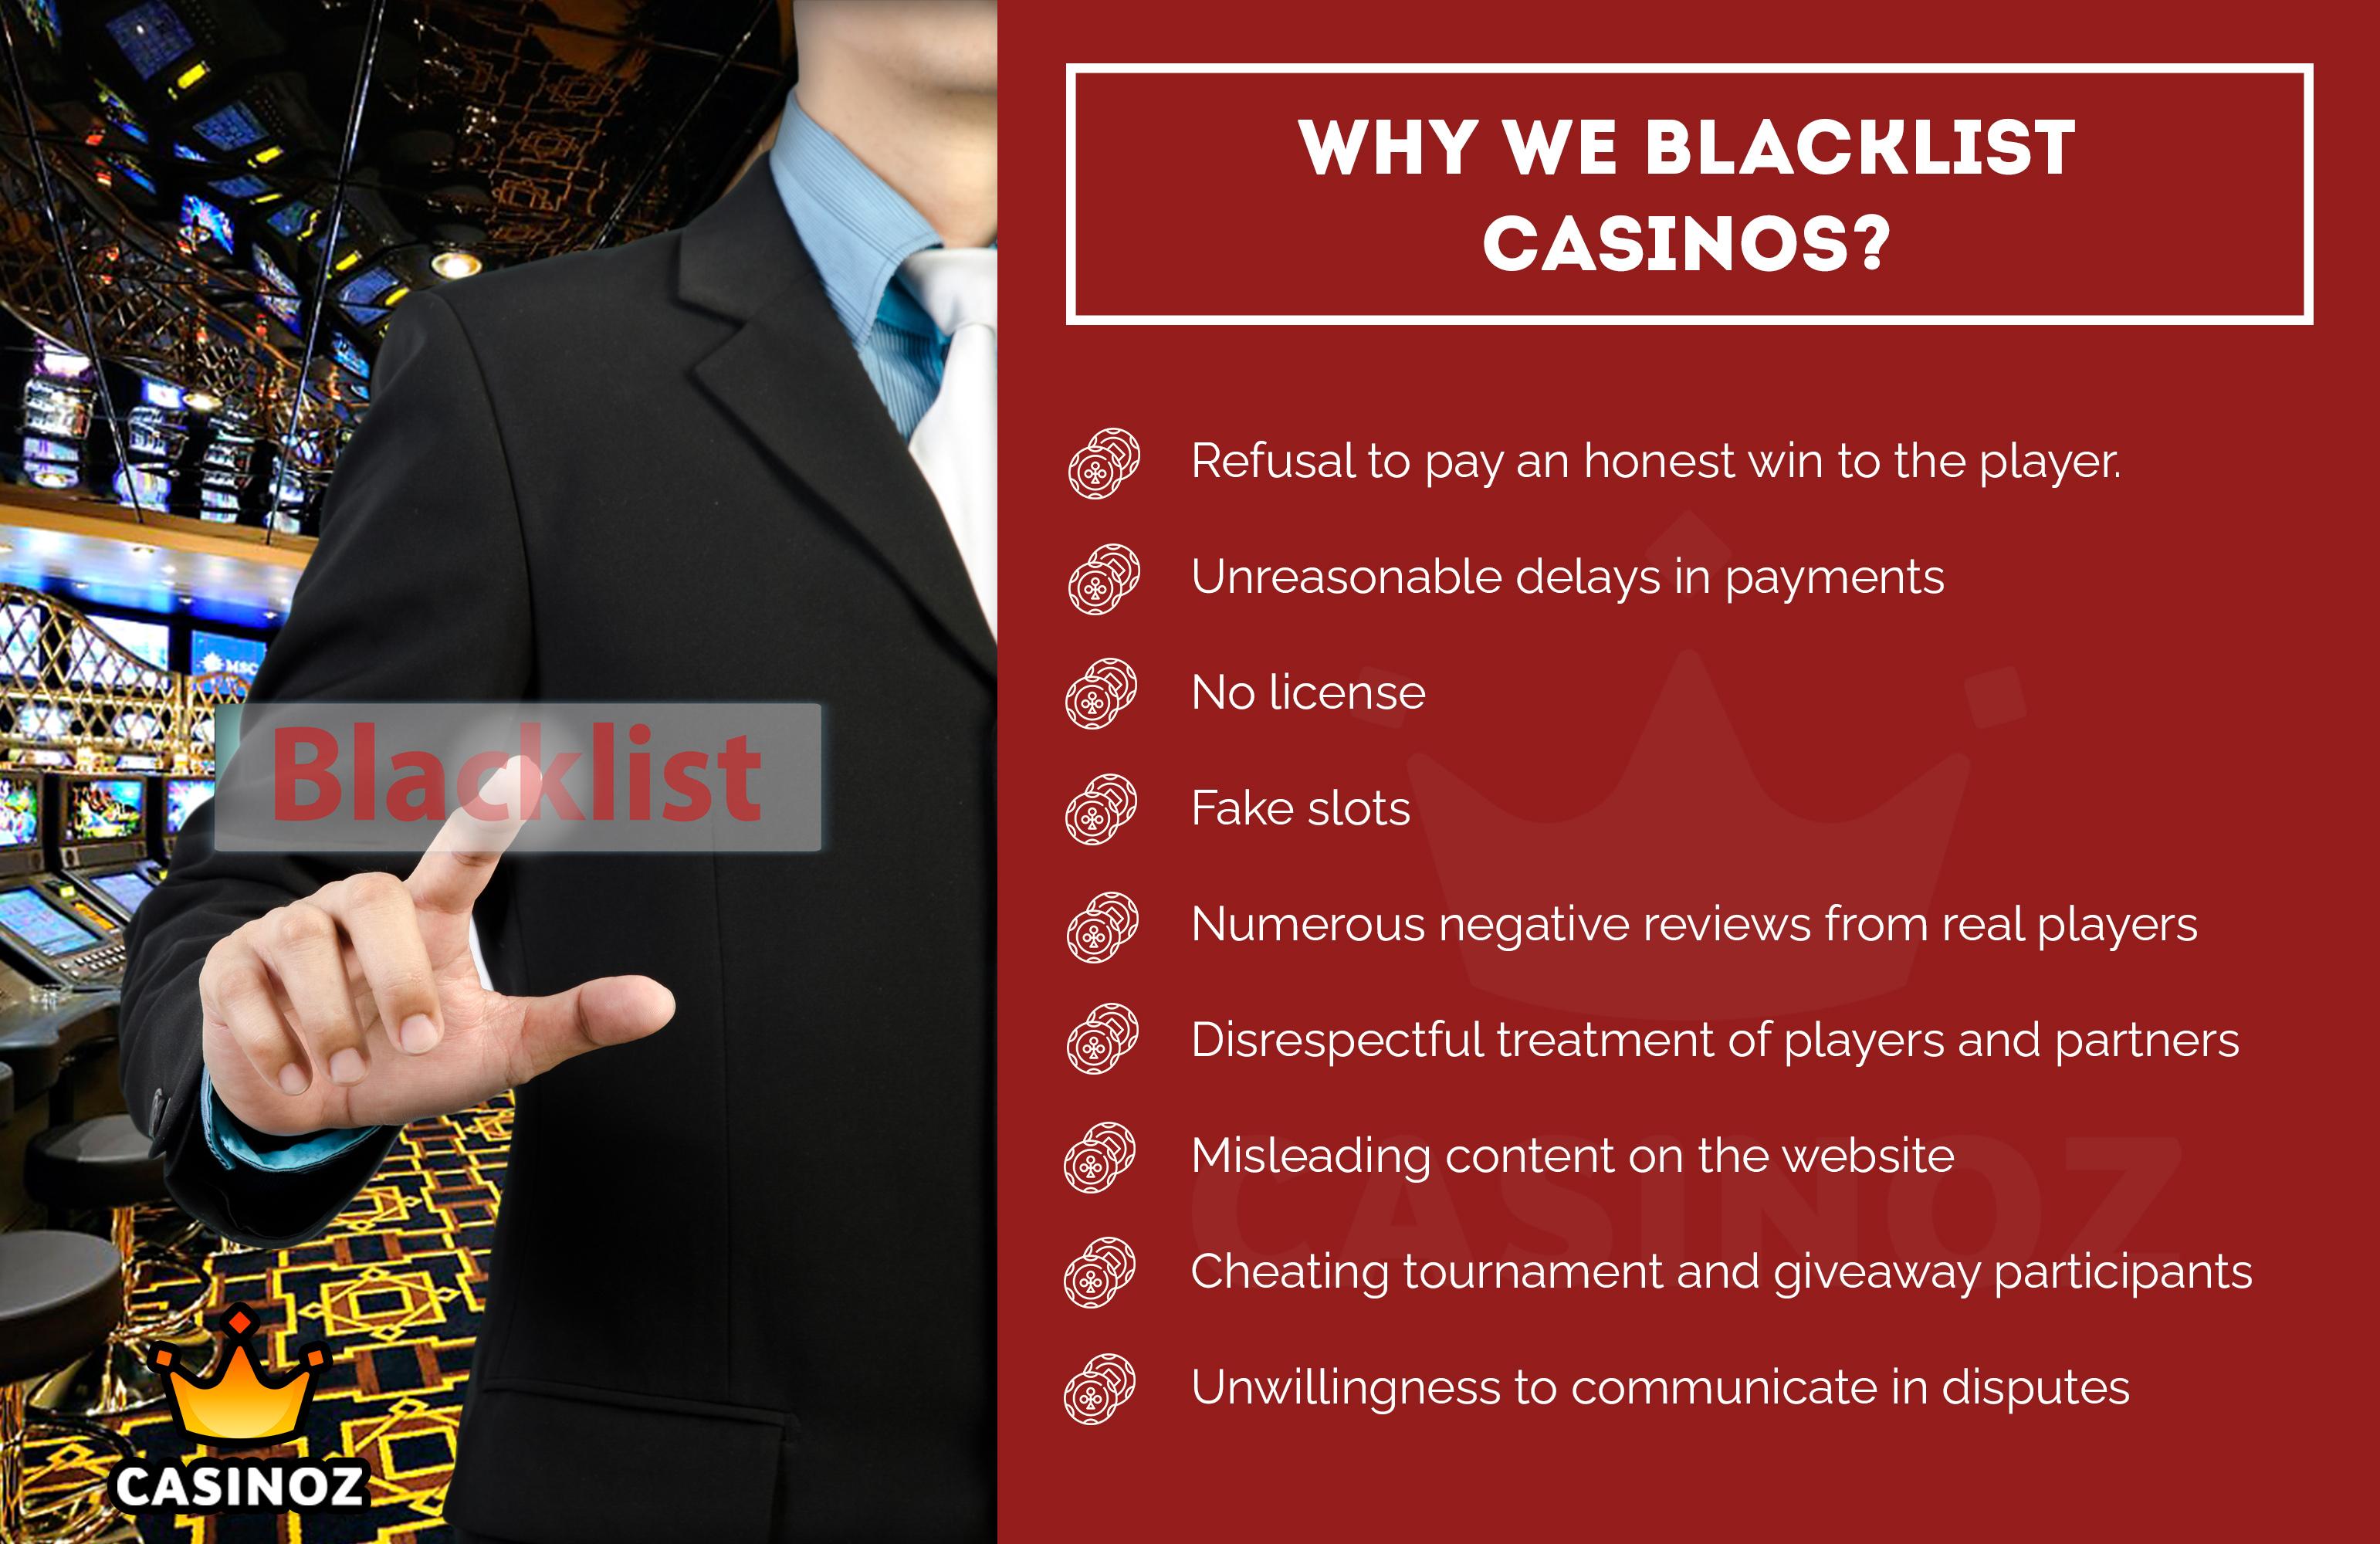 Blacklisted casinos cassino online 302902